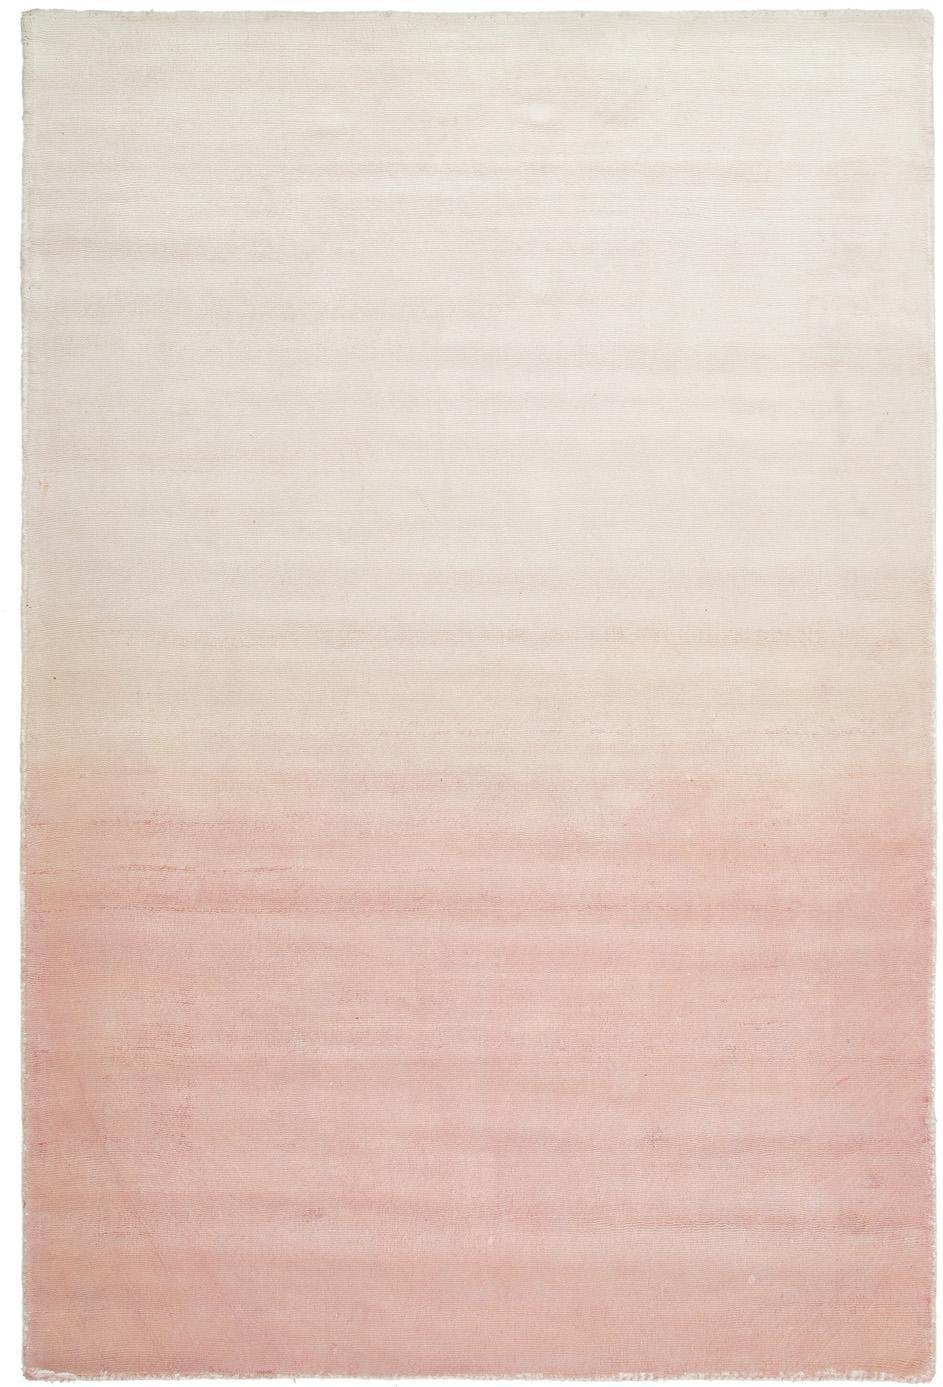 Alfombra artesanal Alana, Viscosa, Rosa, beige, An 120 x L 180 cm (Tamaño S)